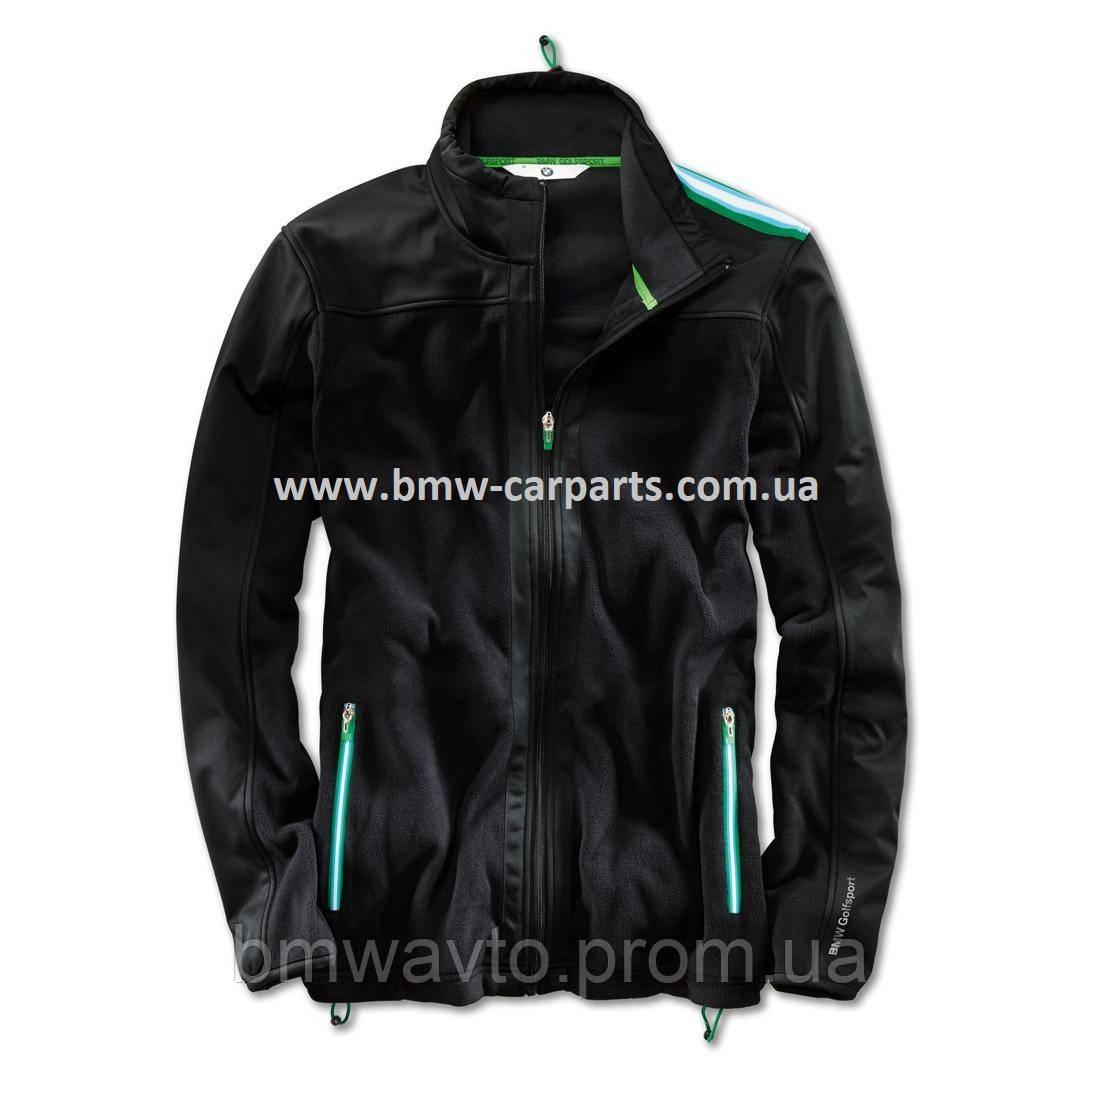 Мужская флисовая куртка BMW Golfsport Fleece Jacket, men